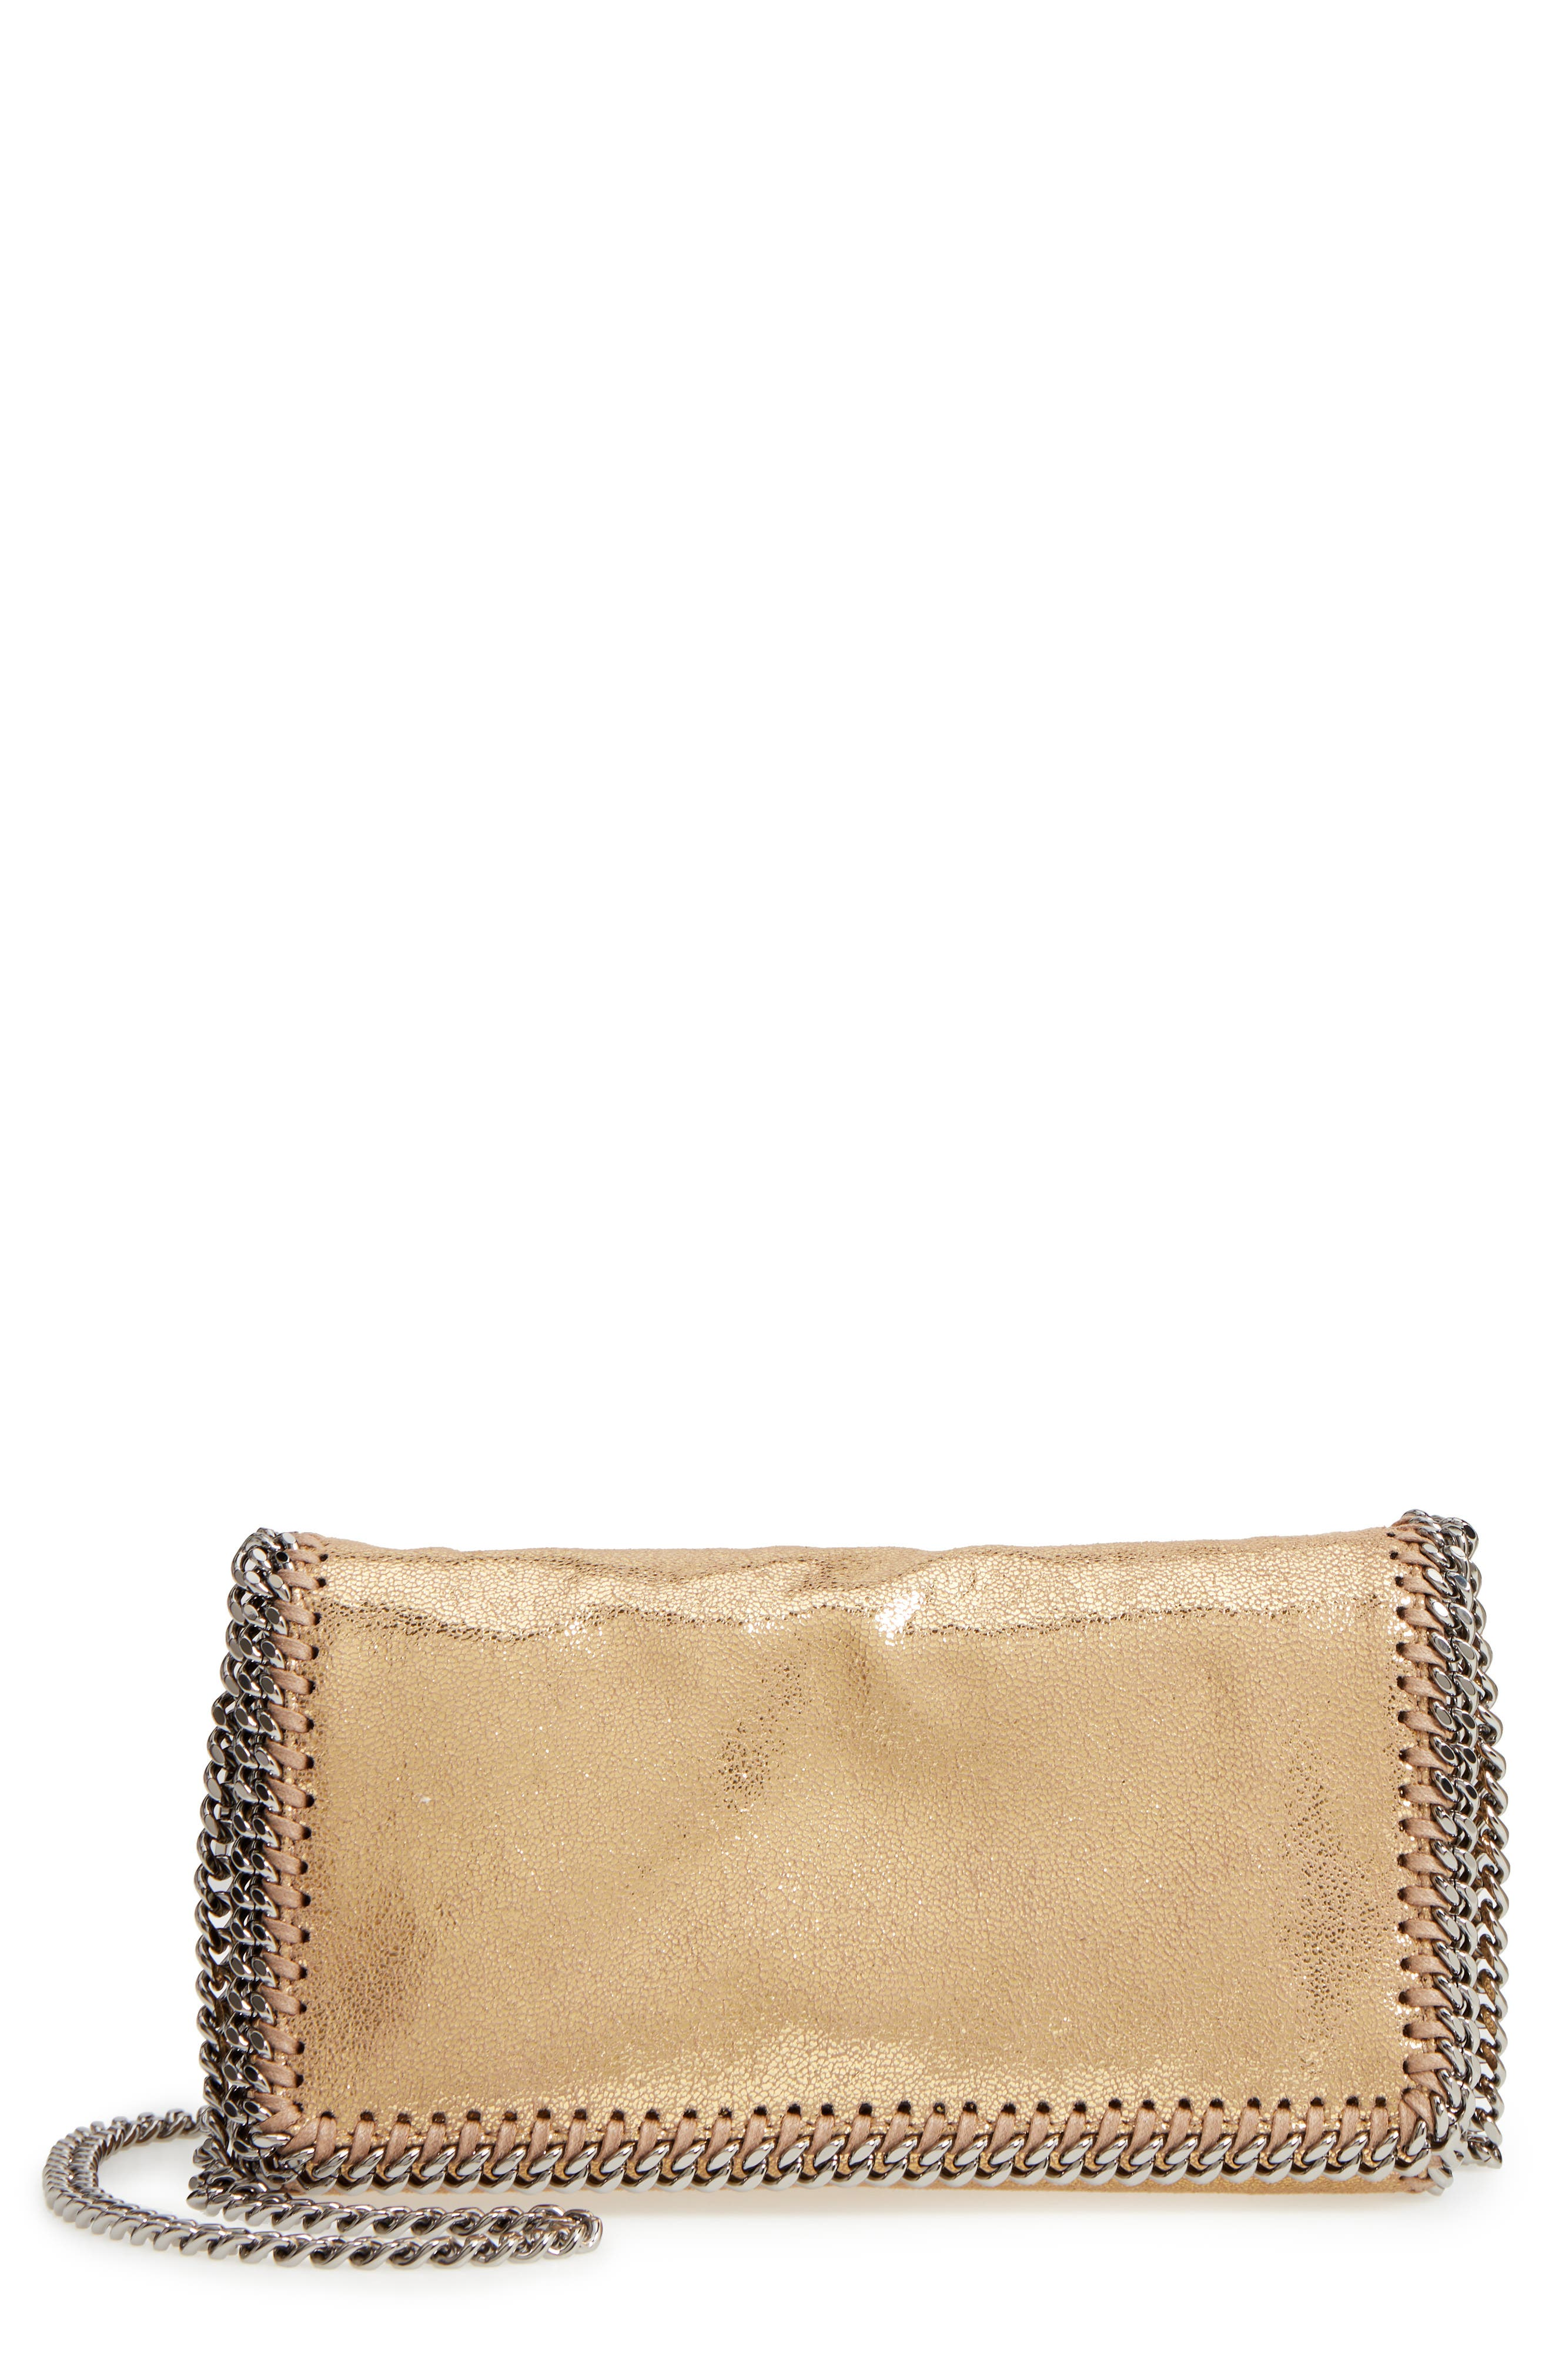 'Falabella' Crossbody Bag,                         Main,                         color, GOLD